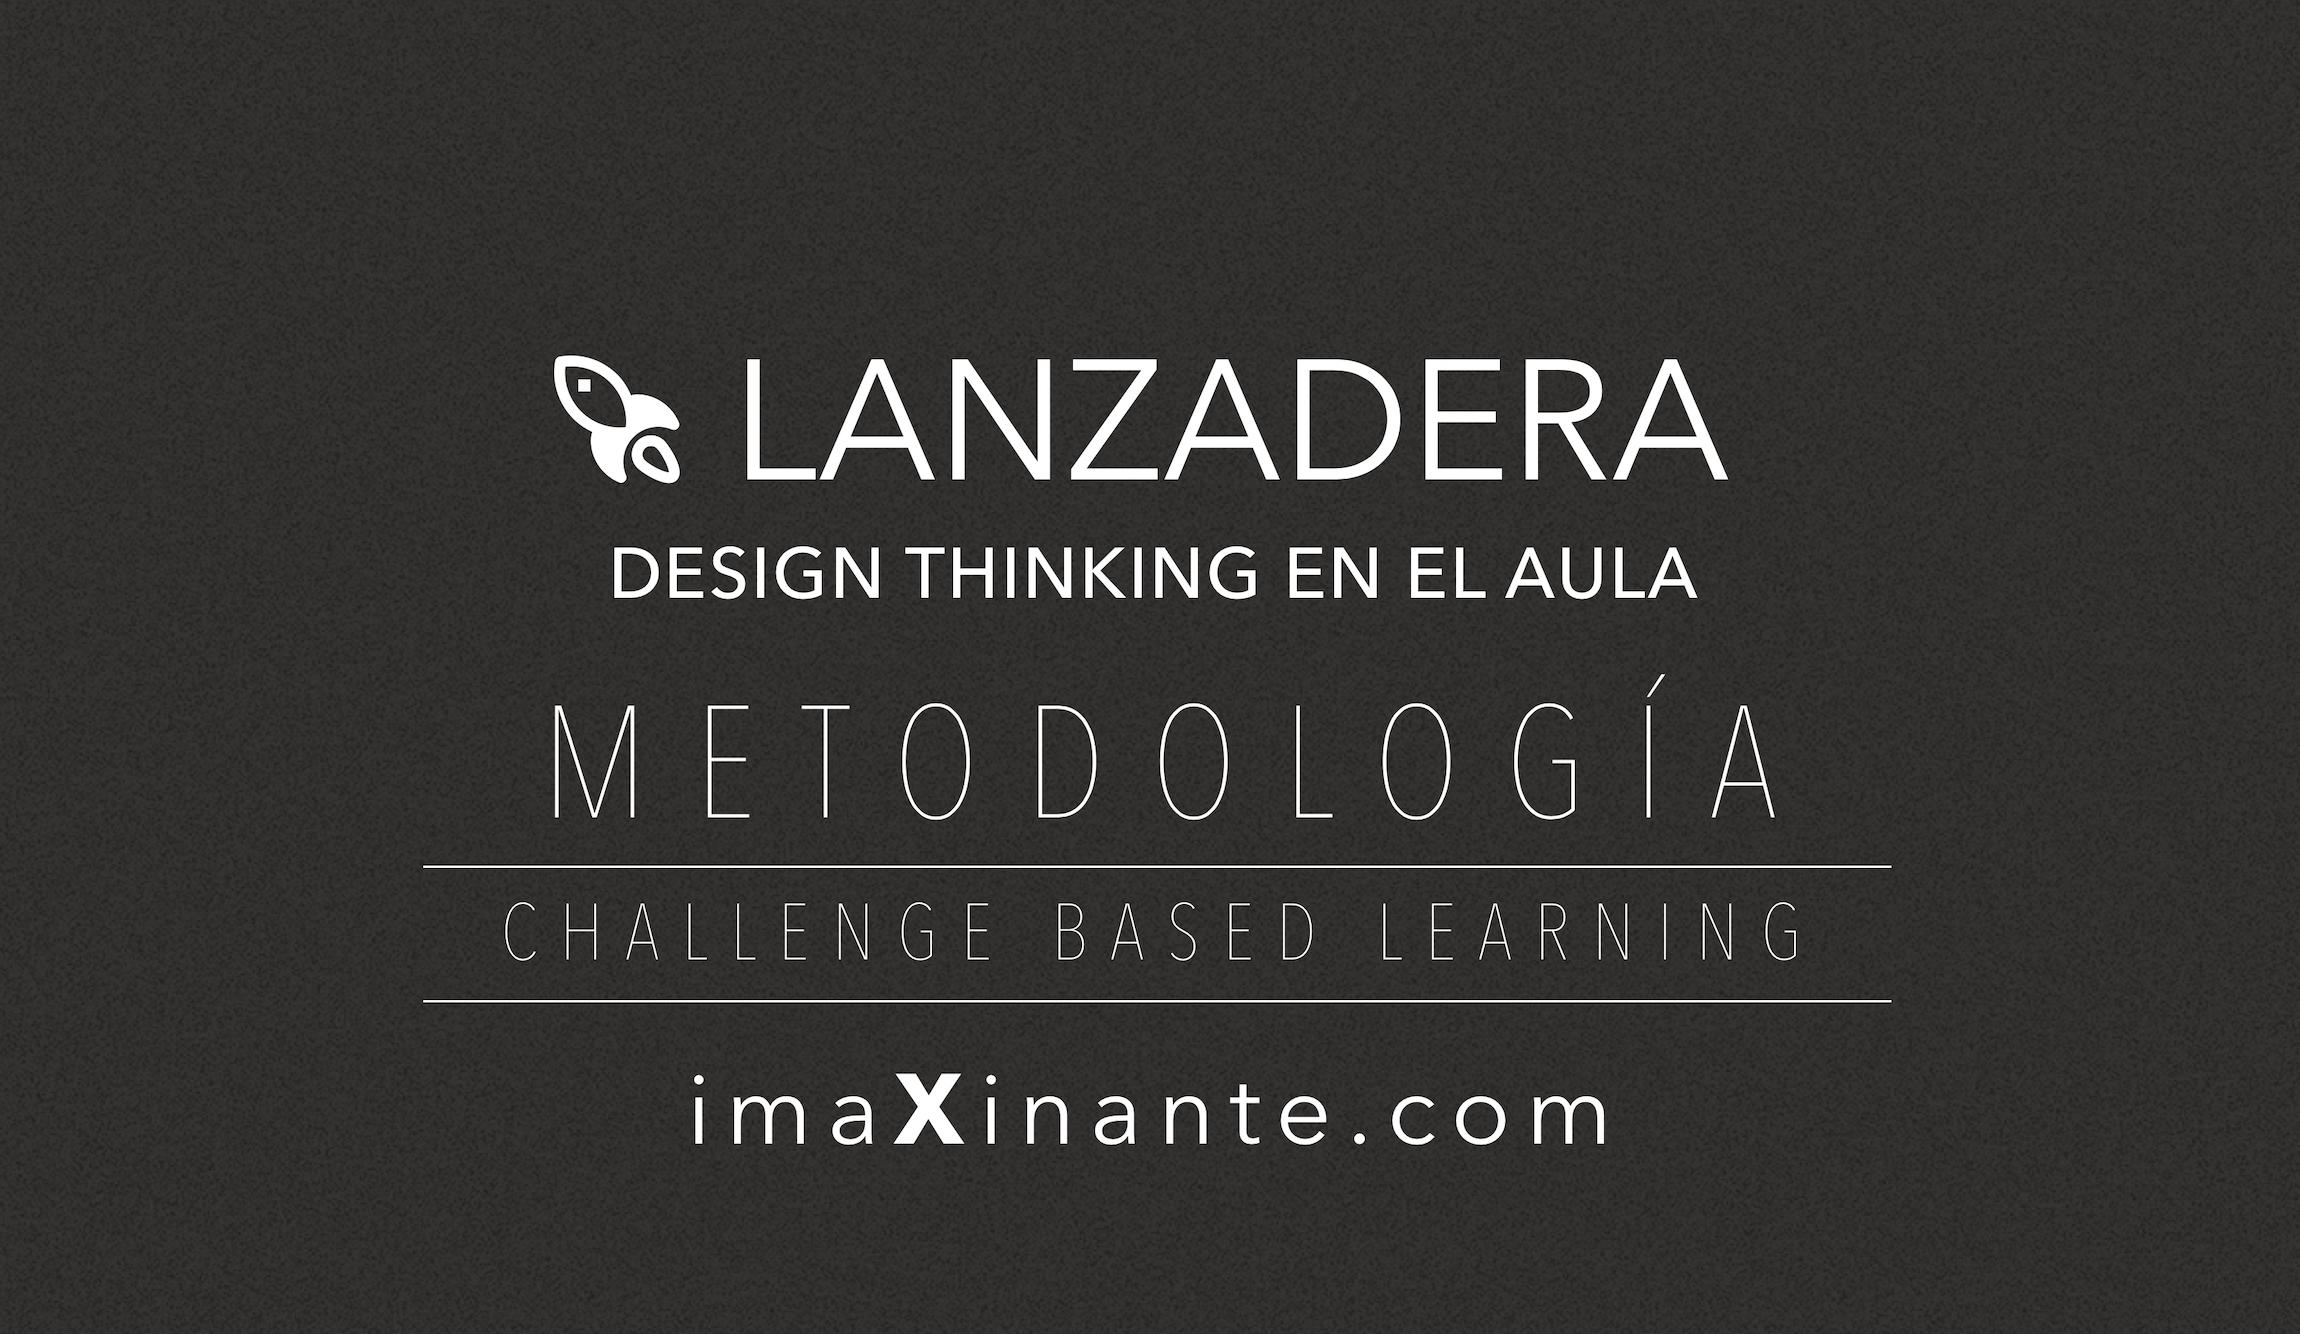 LANZADERA: Design Thinking en el aula, presentación PDF para el docente